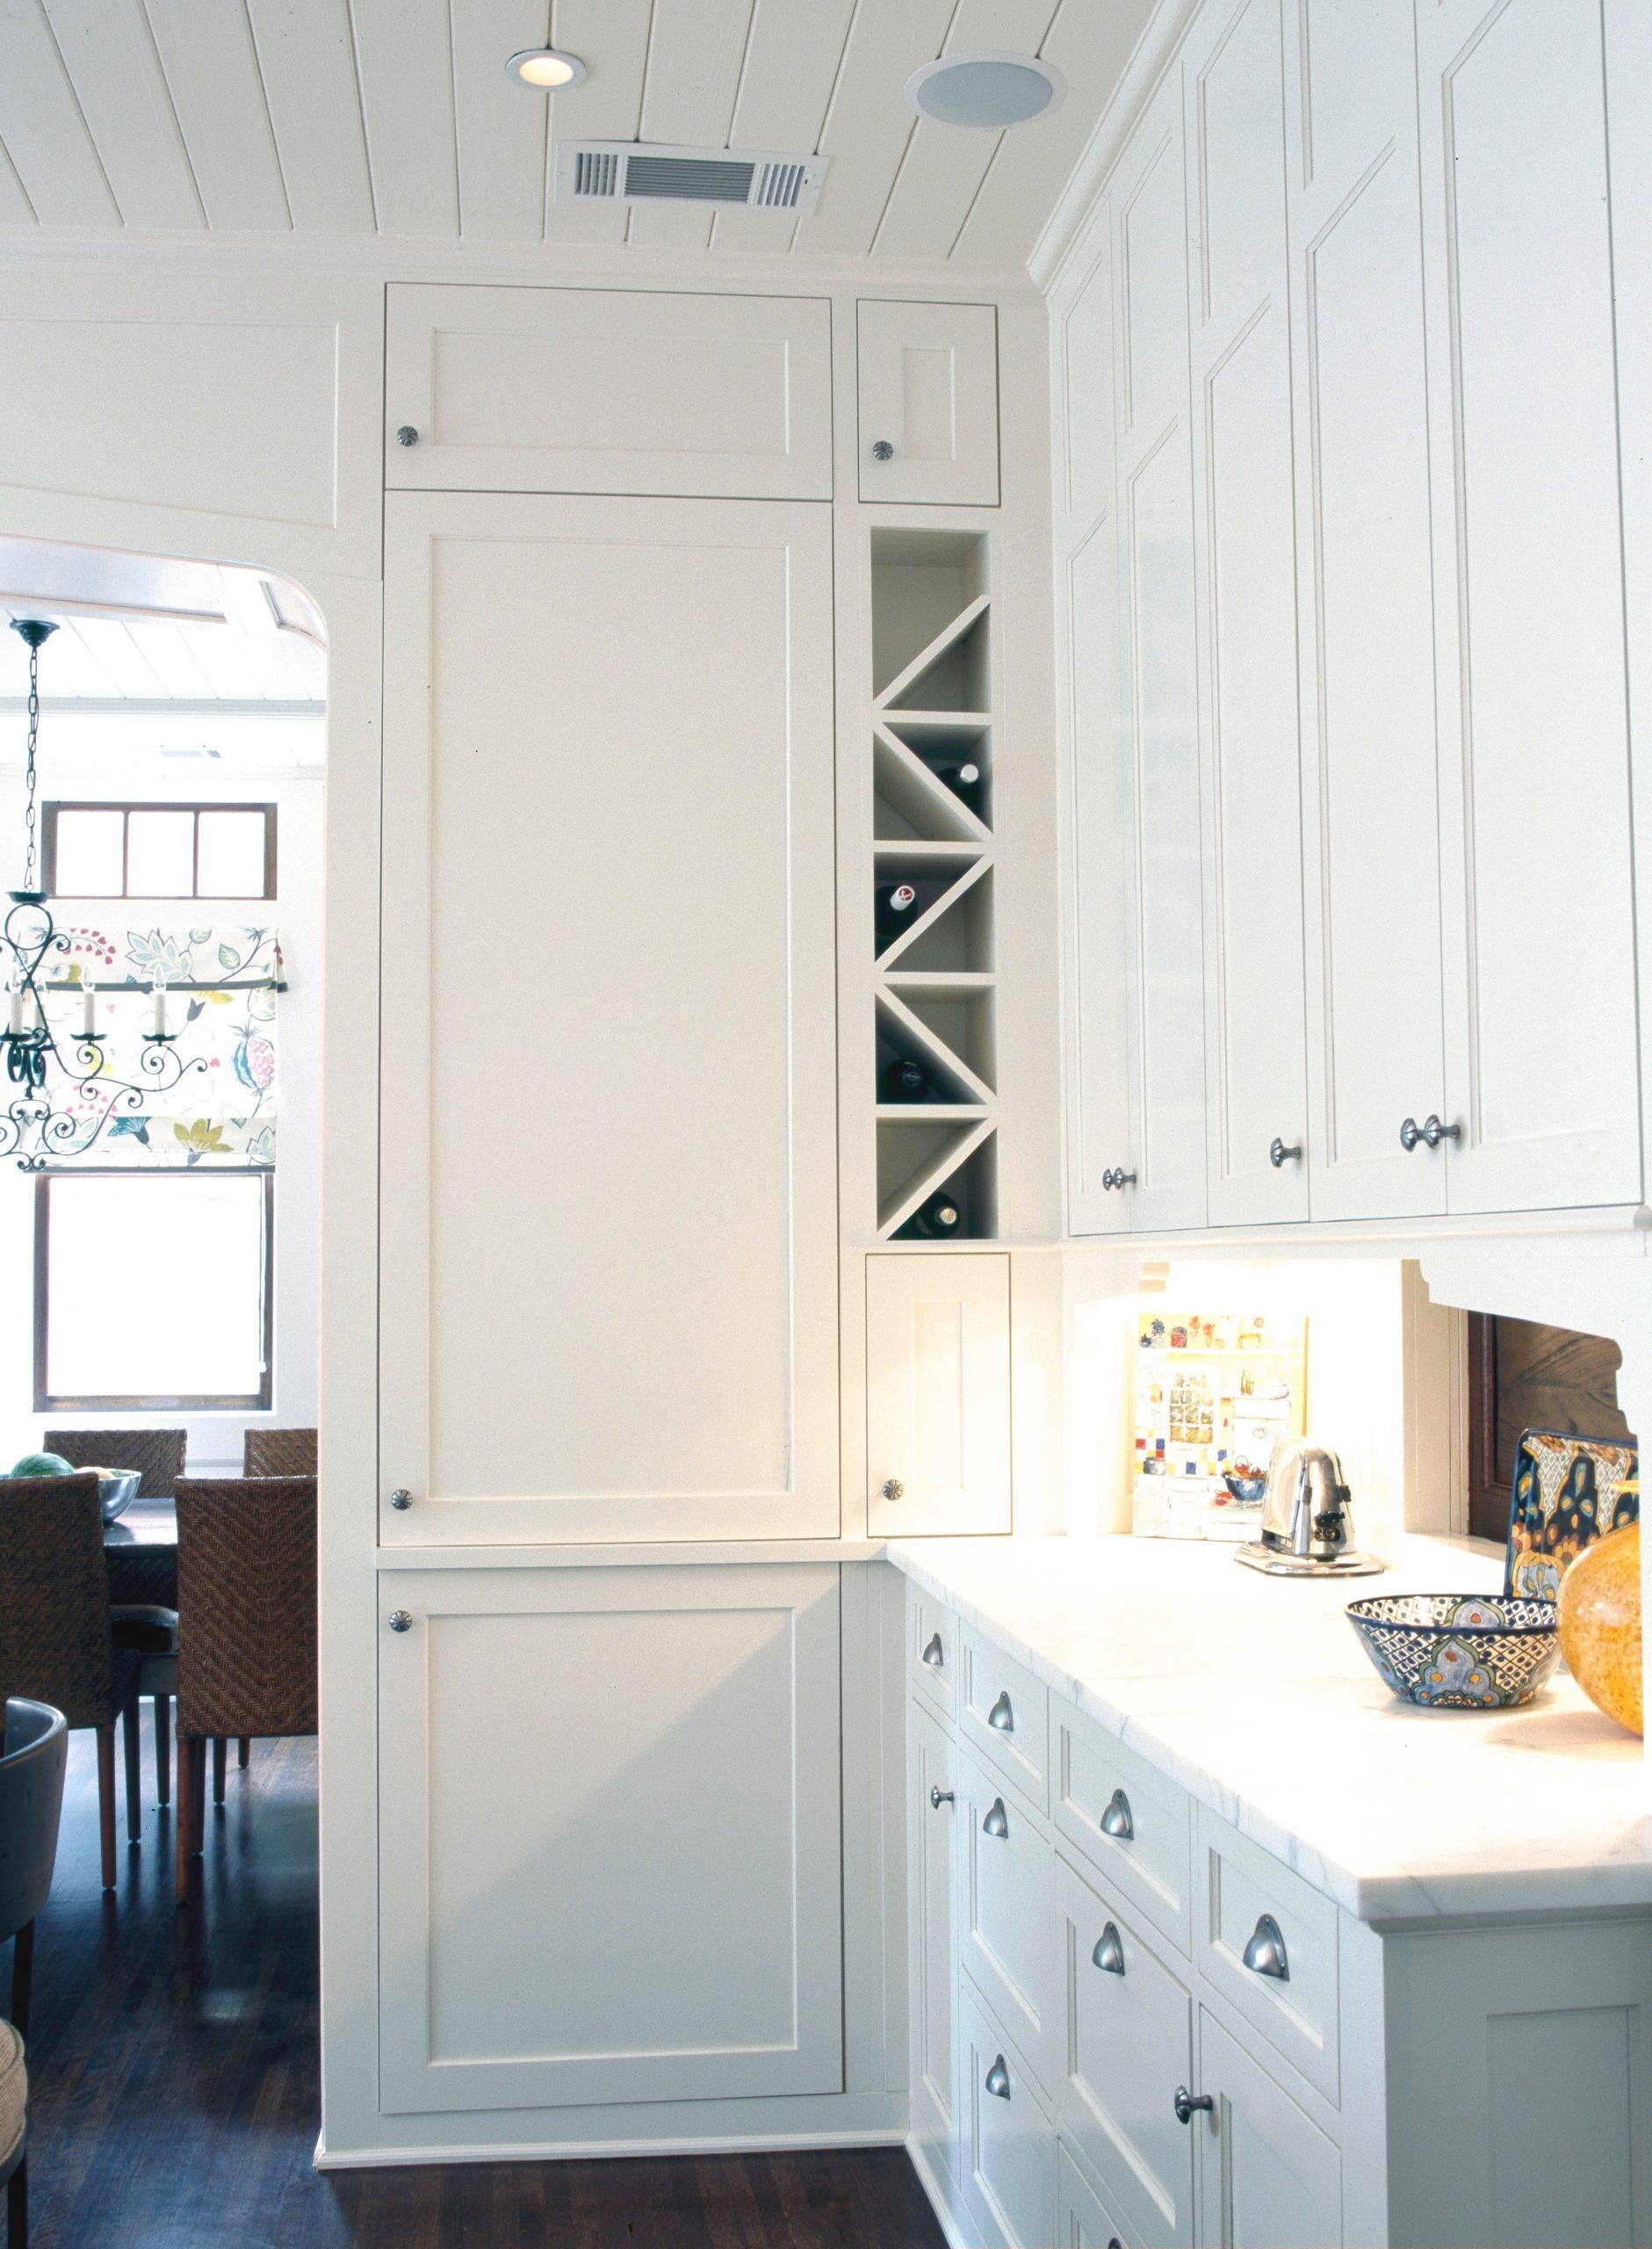 3 M kitchen to wine rack